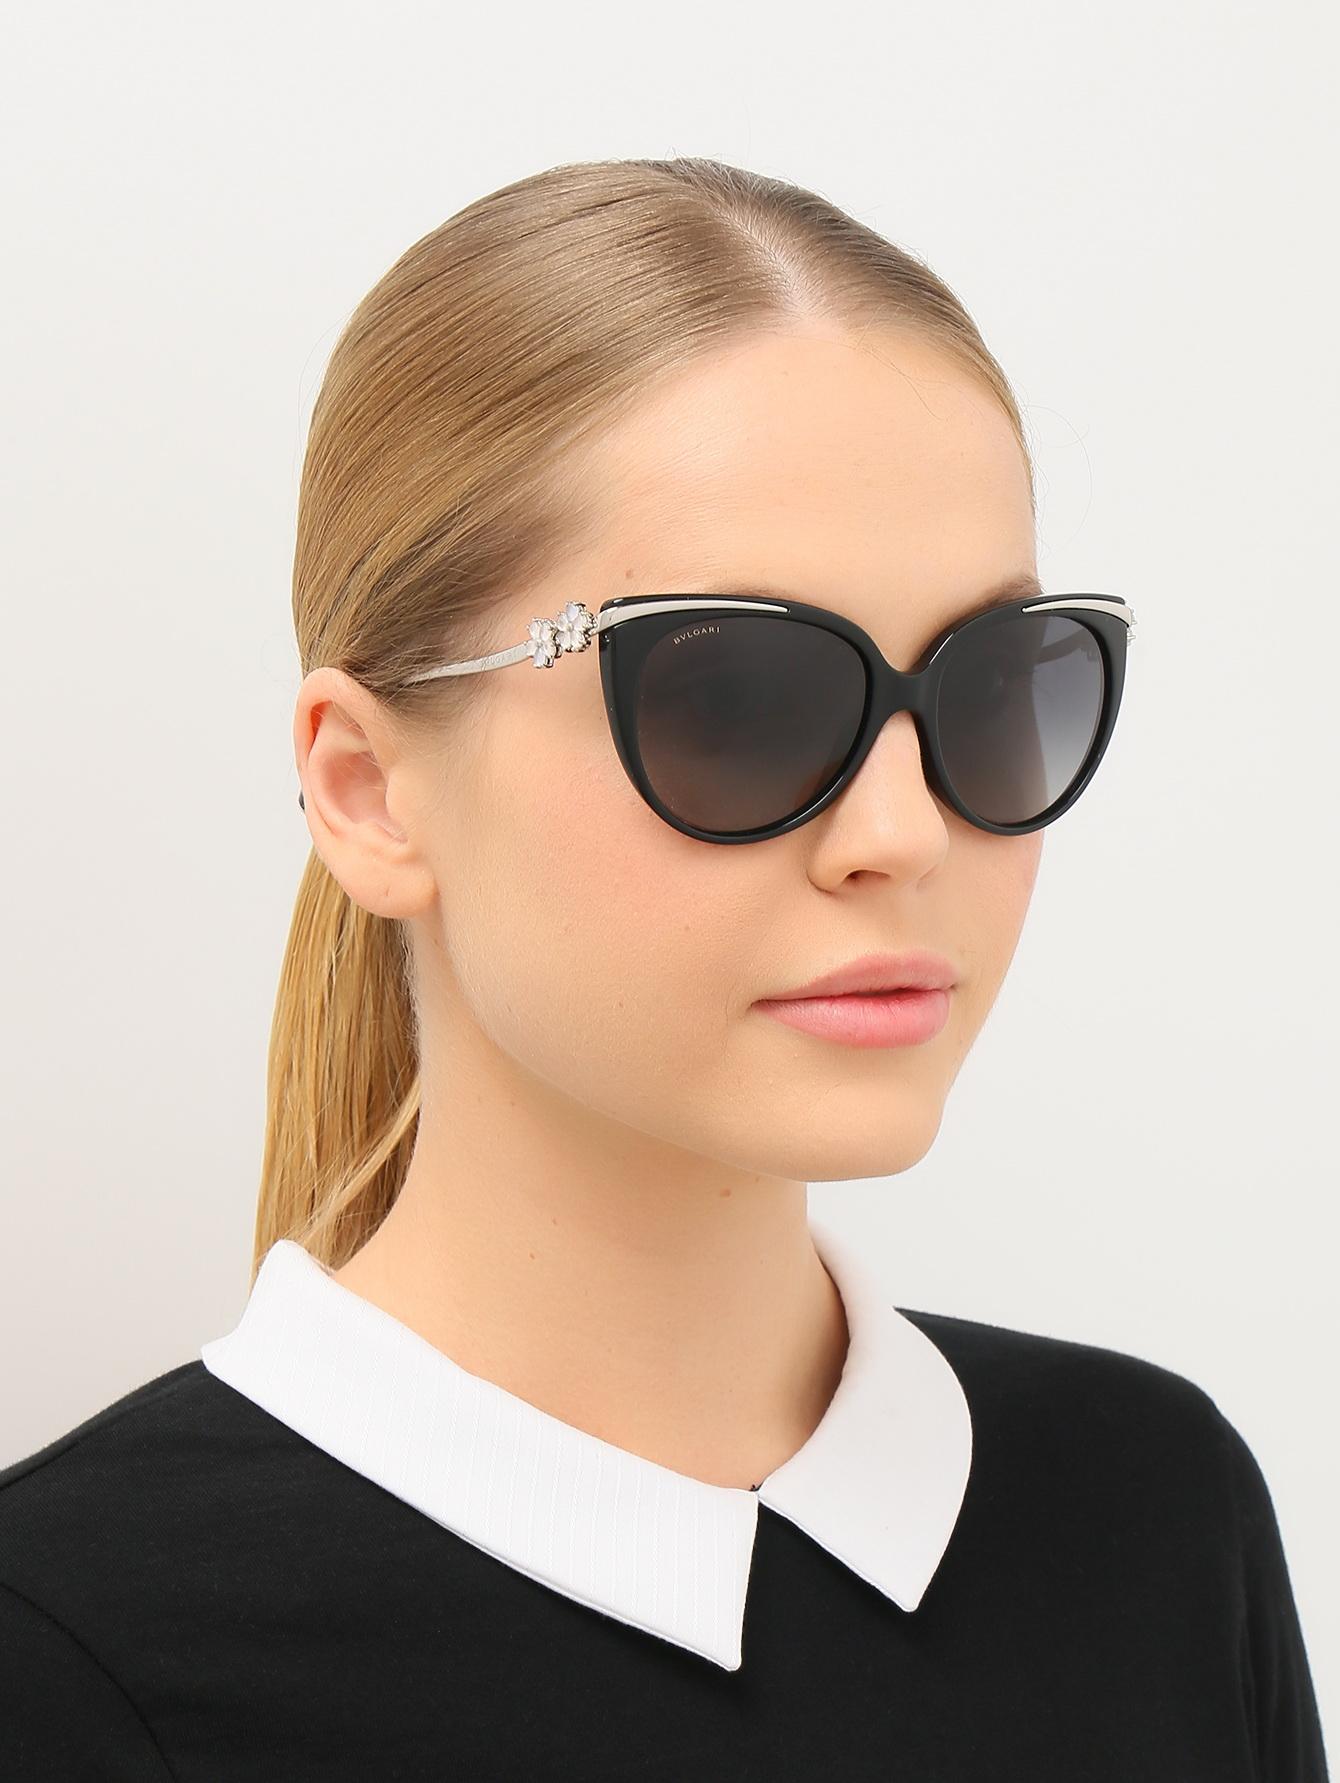 Можно ли испортить зрение чужими очками